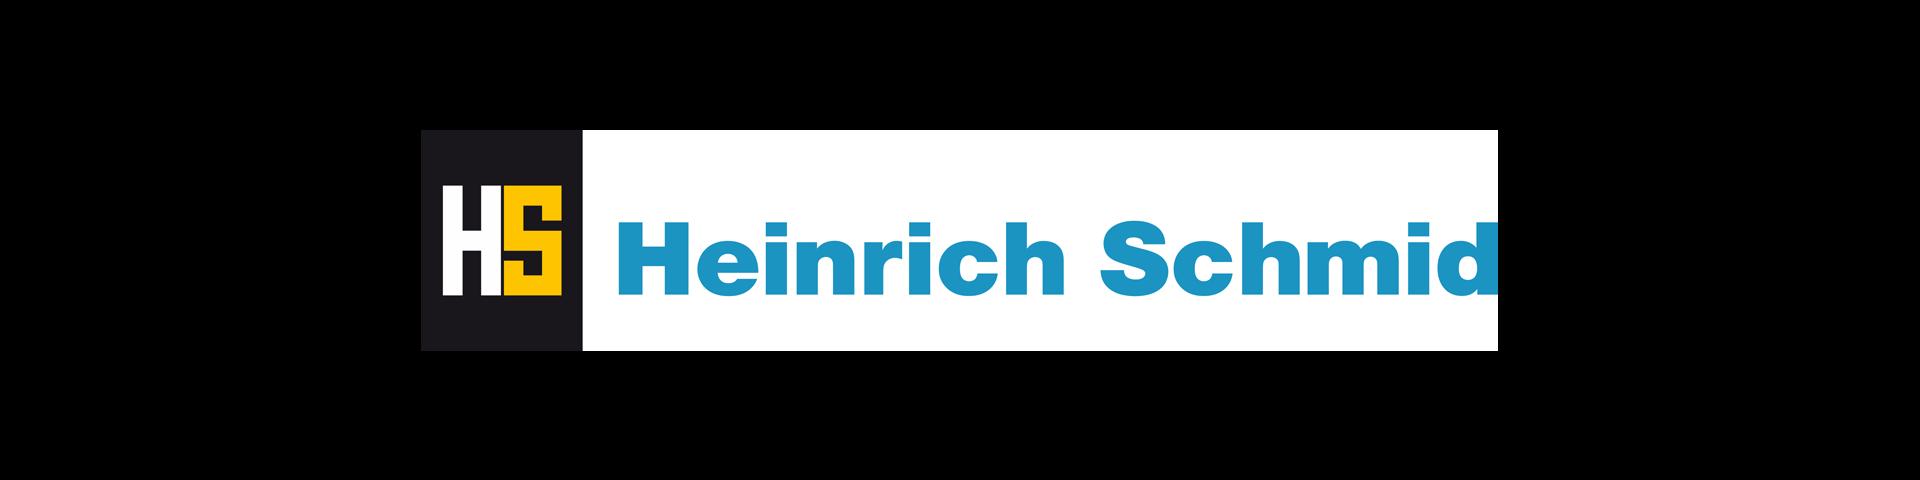 Header Heinrich Schmid GmbH & Co. KG